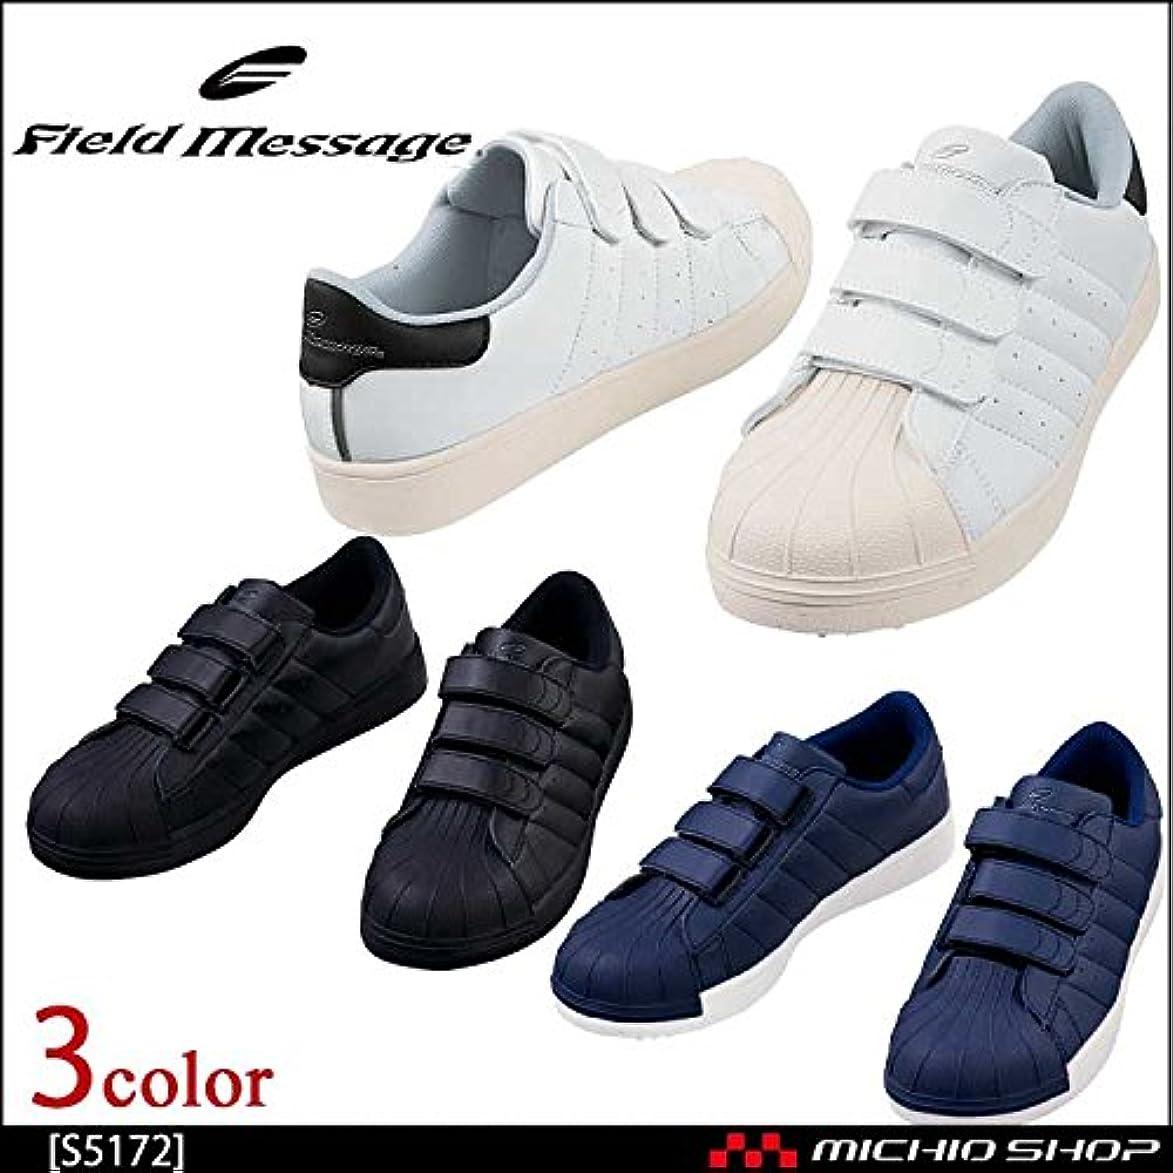 ゾーン嵐のはさみ自重堂 安全靴 Field Message セーフティシューズ S5172 Color:ブラック[C/044] 22.0